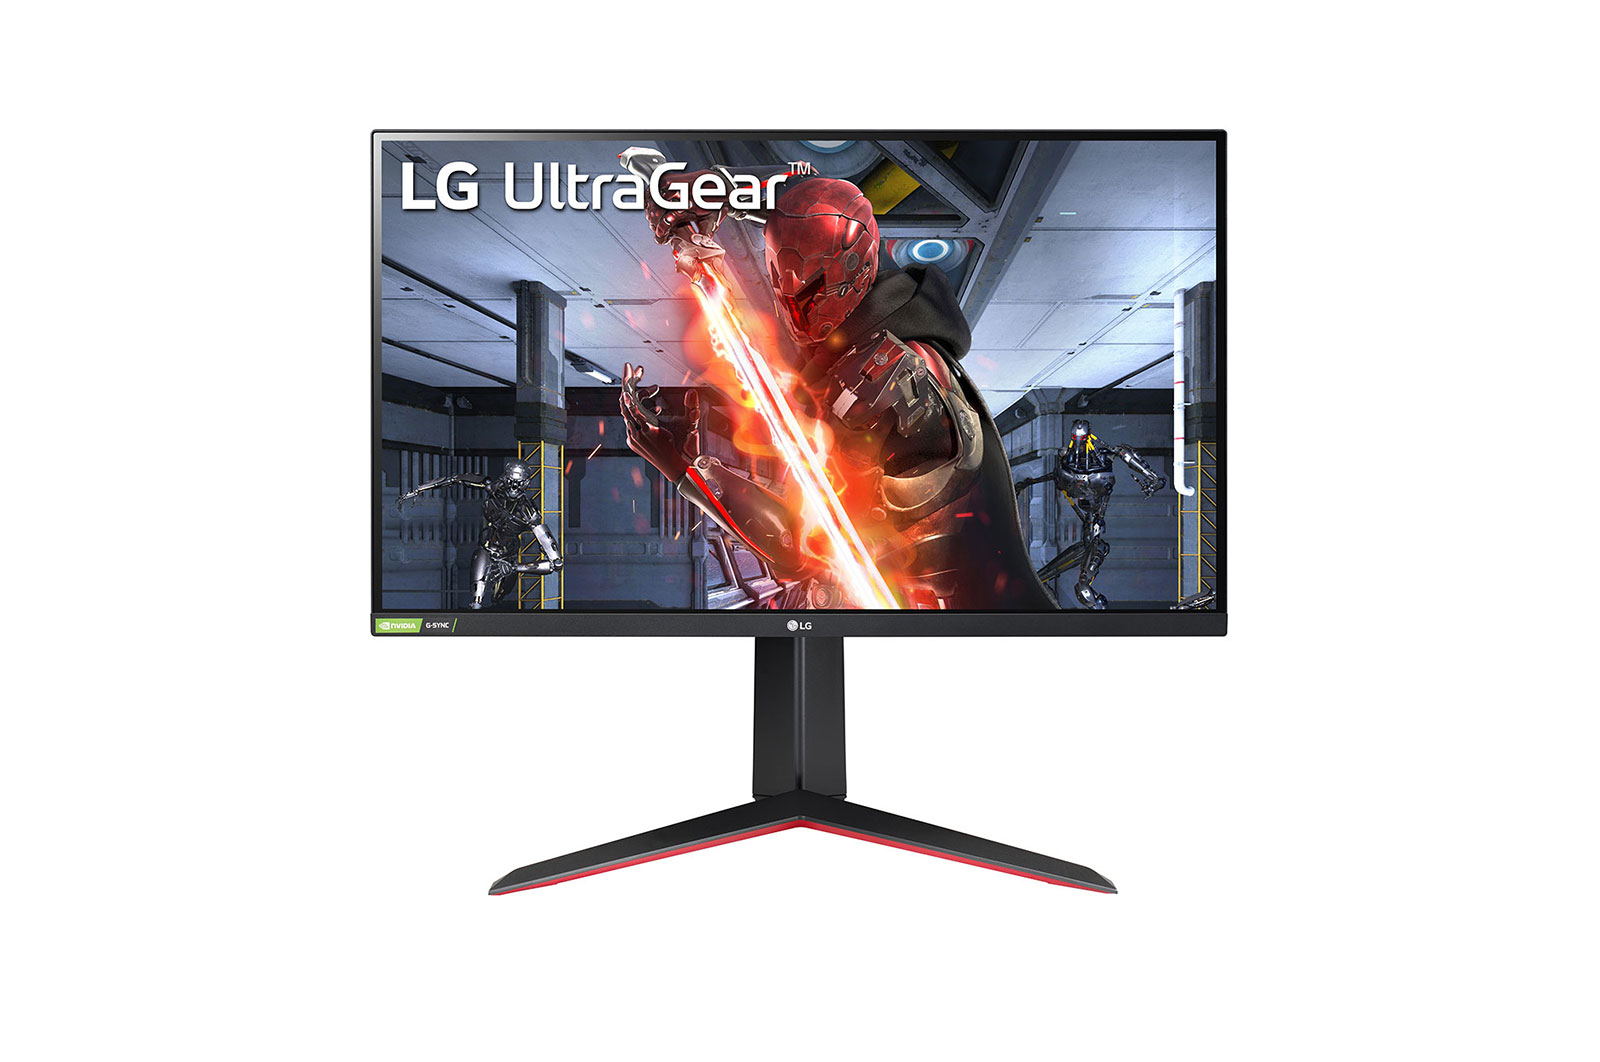 LG - 27P 27GN650 UltraGear Gaming IPS 27P FHD 16:9 144Hz